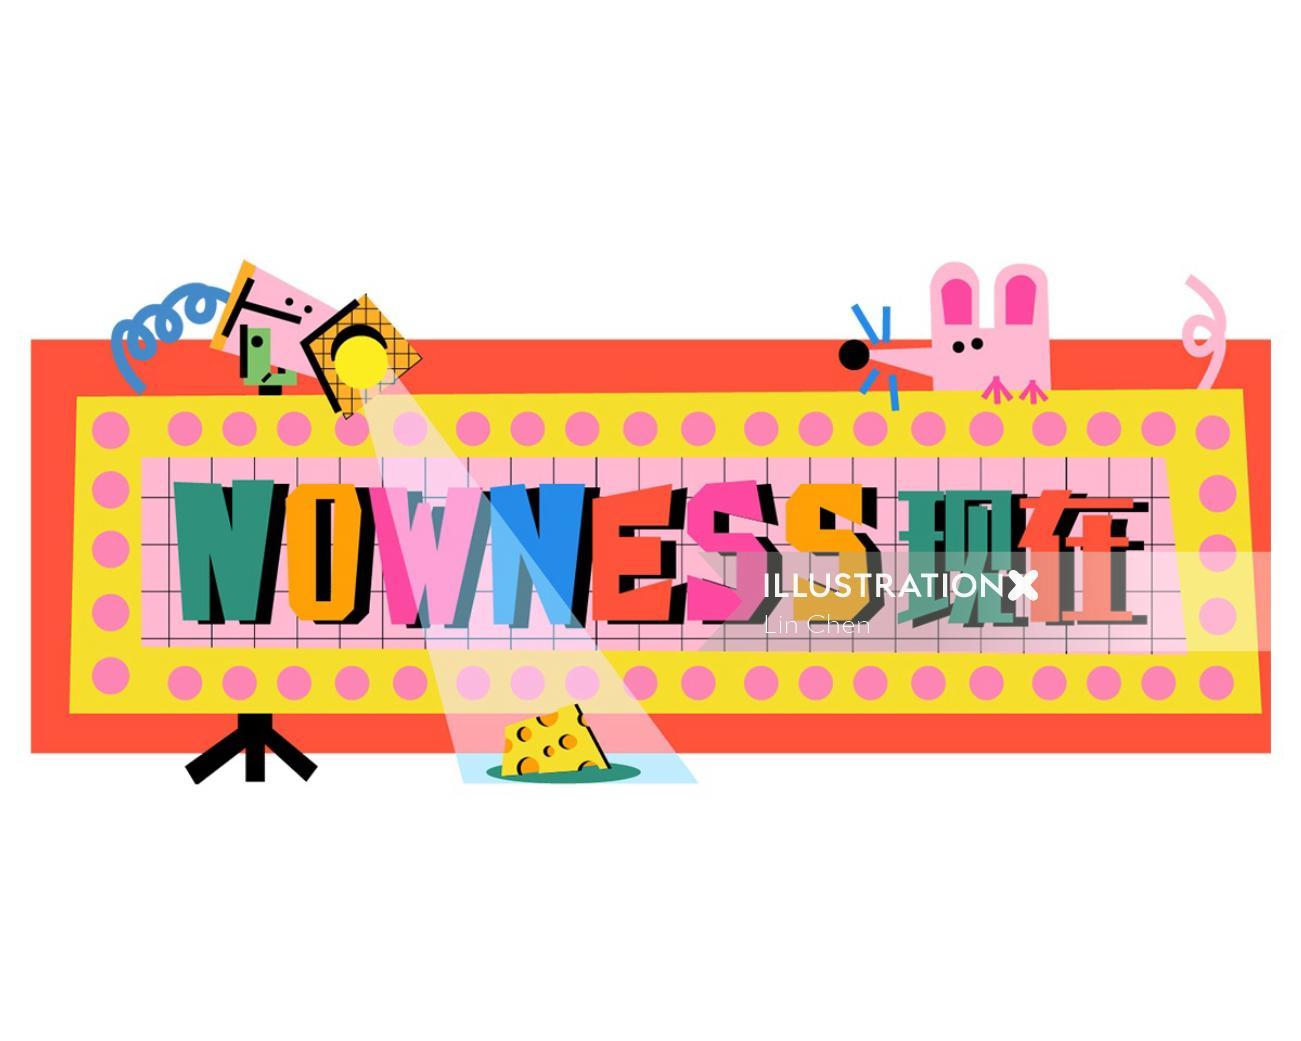 Nowness typographic